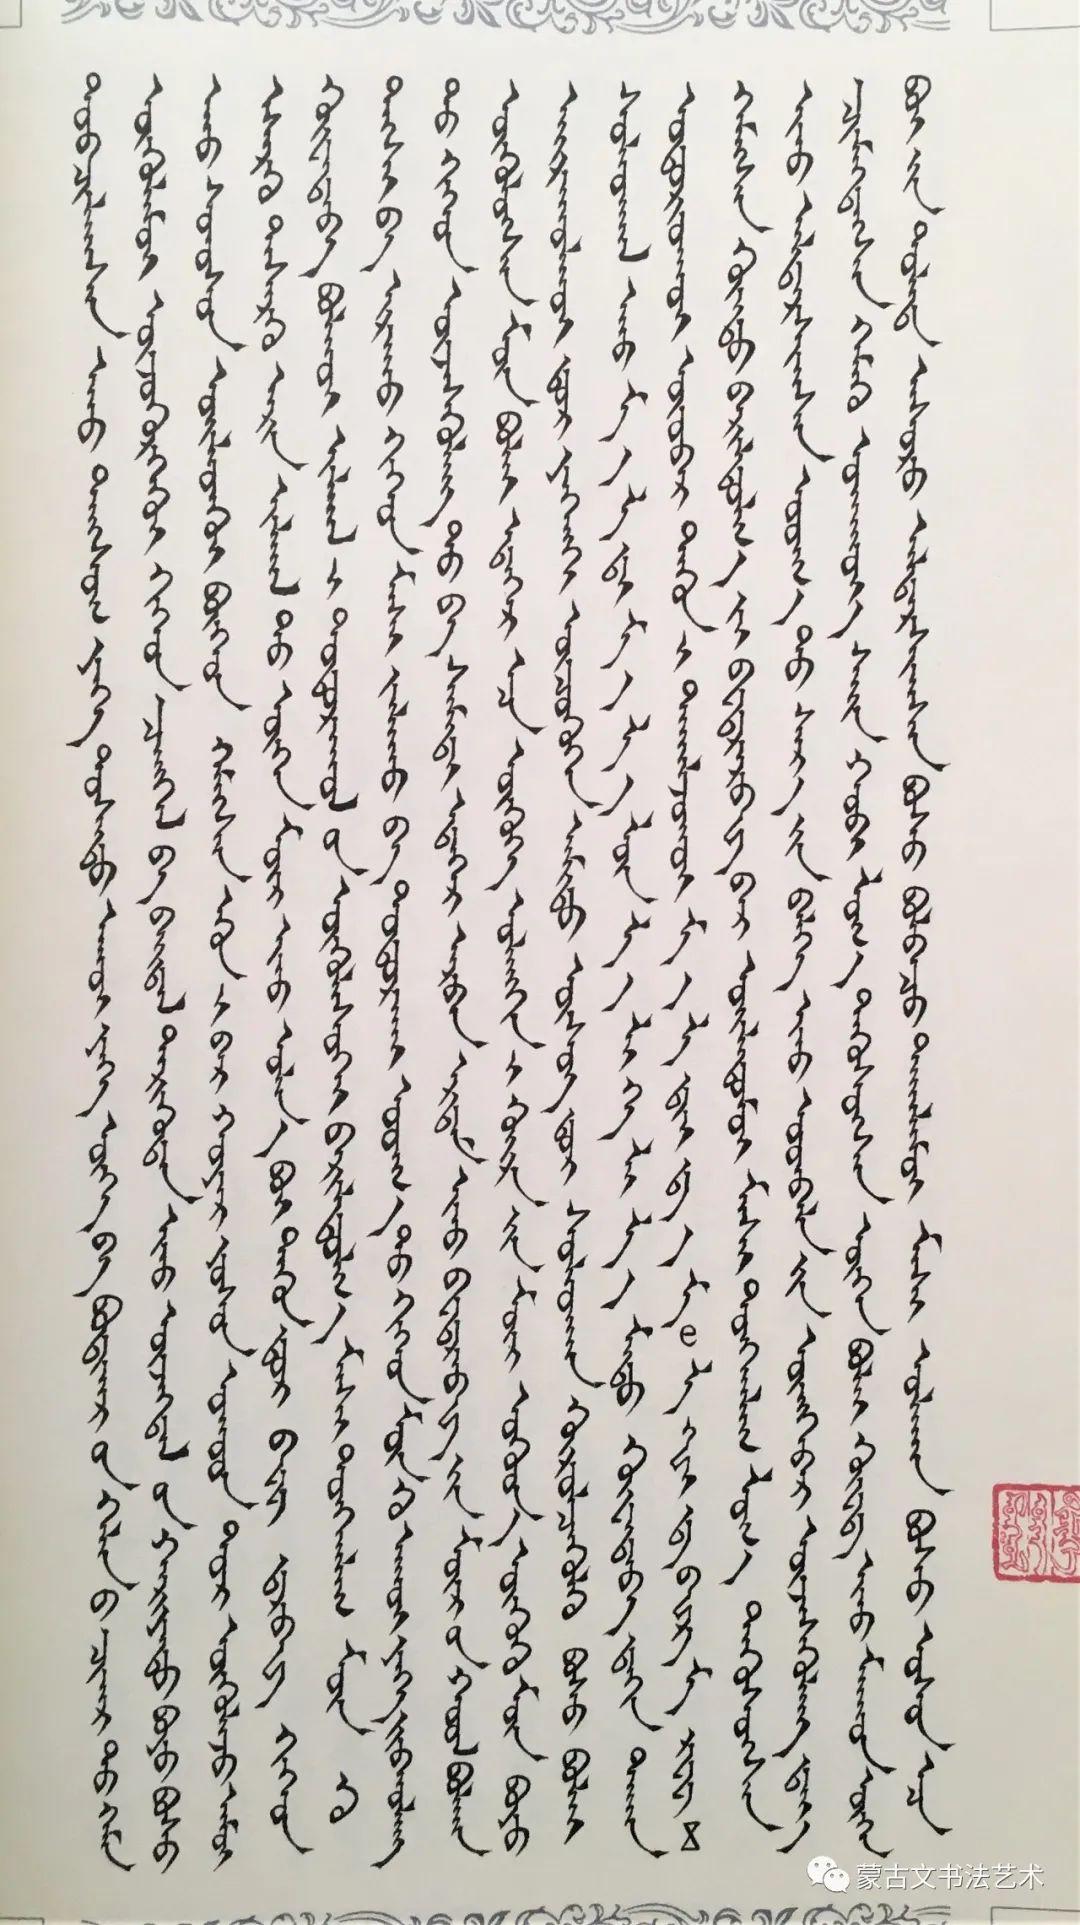 戴海琴楷书《诗镜论》 第8张 戴海琴楷书《诗镜论》 蒙古书法